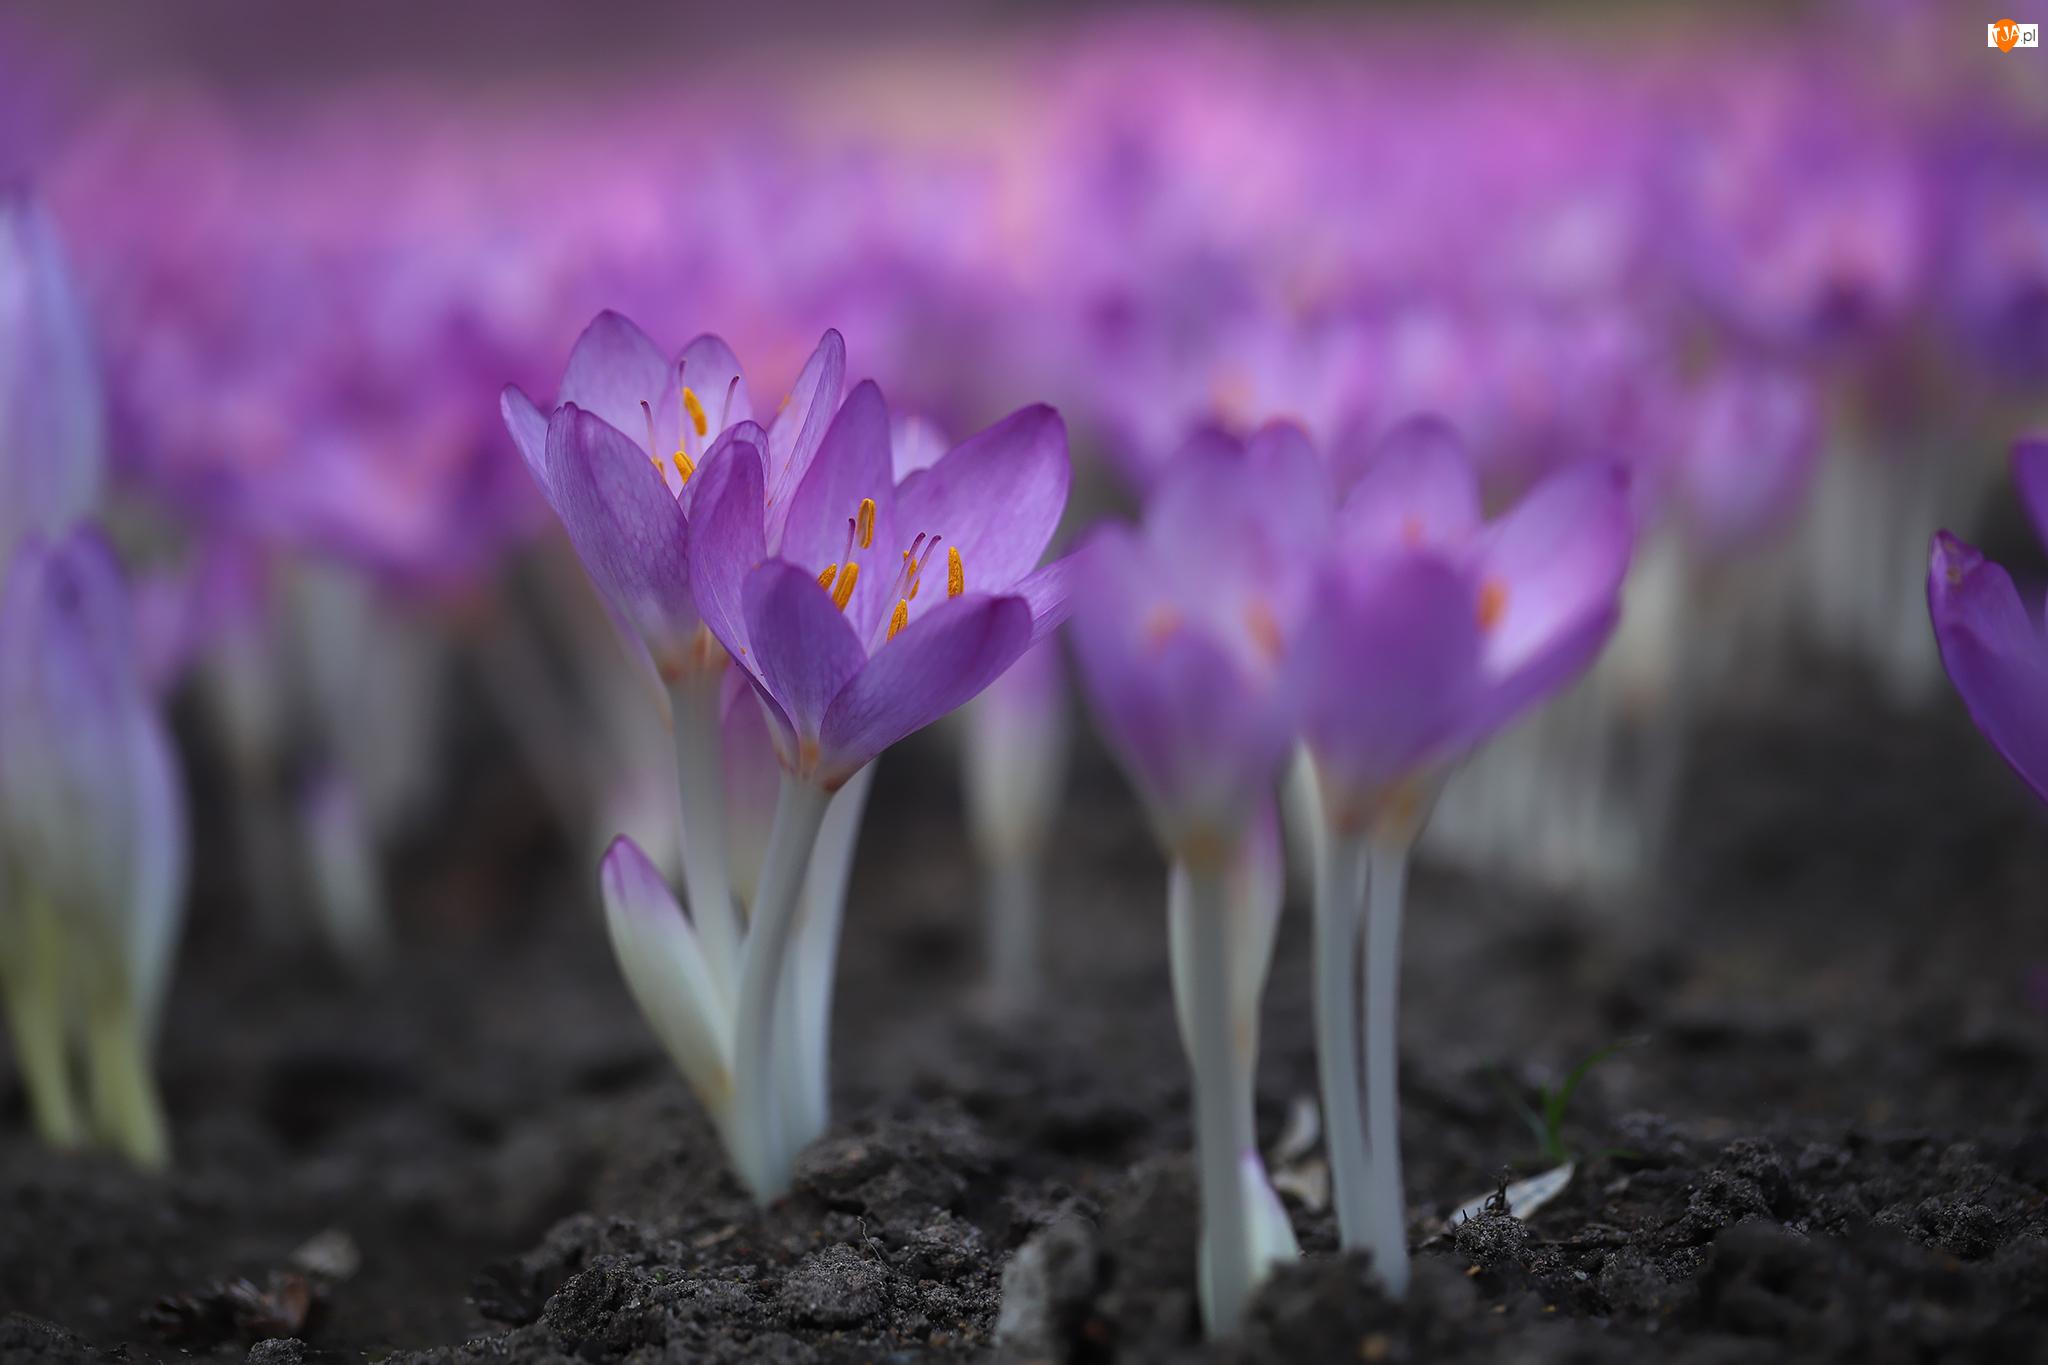 Kwiaty, Zimowity, Rozkwitające, Fioletowe